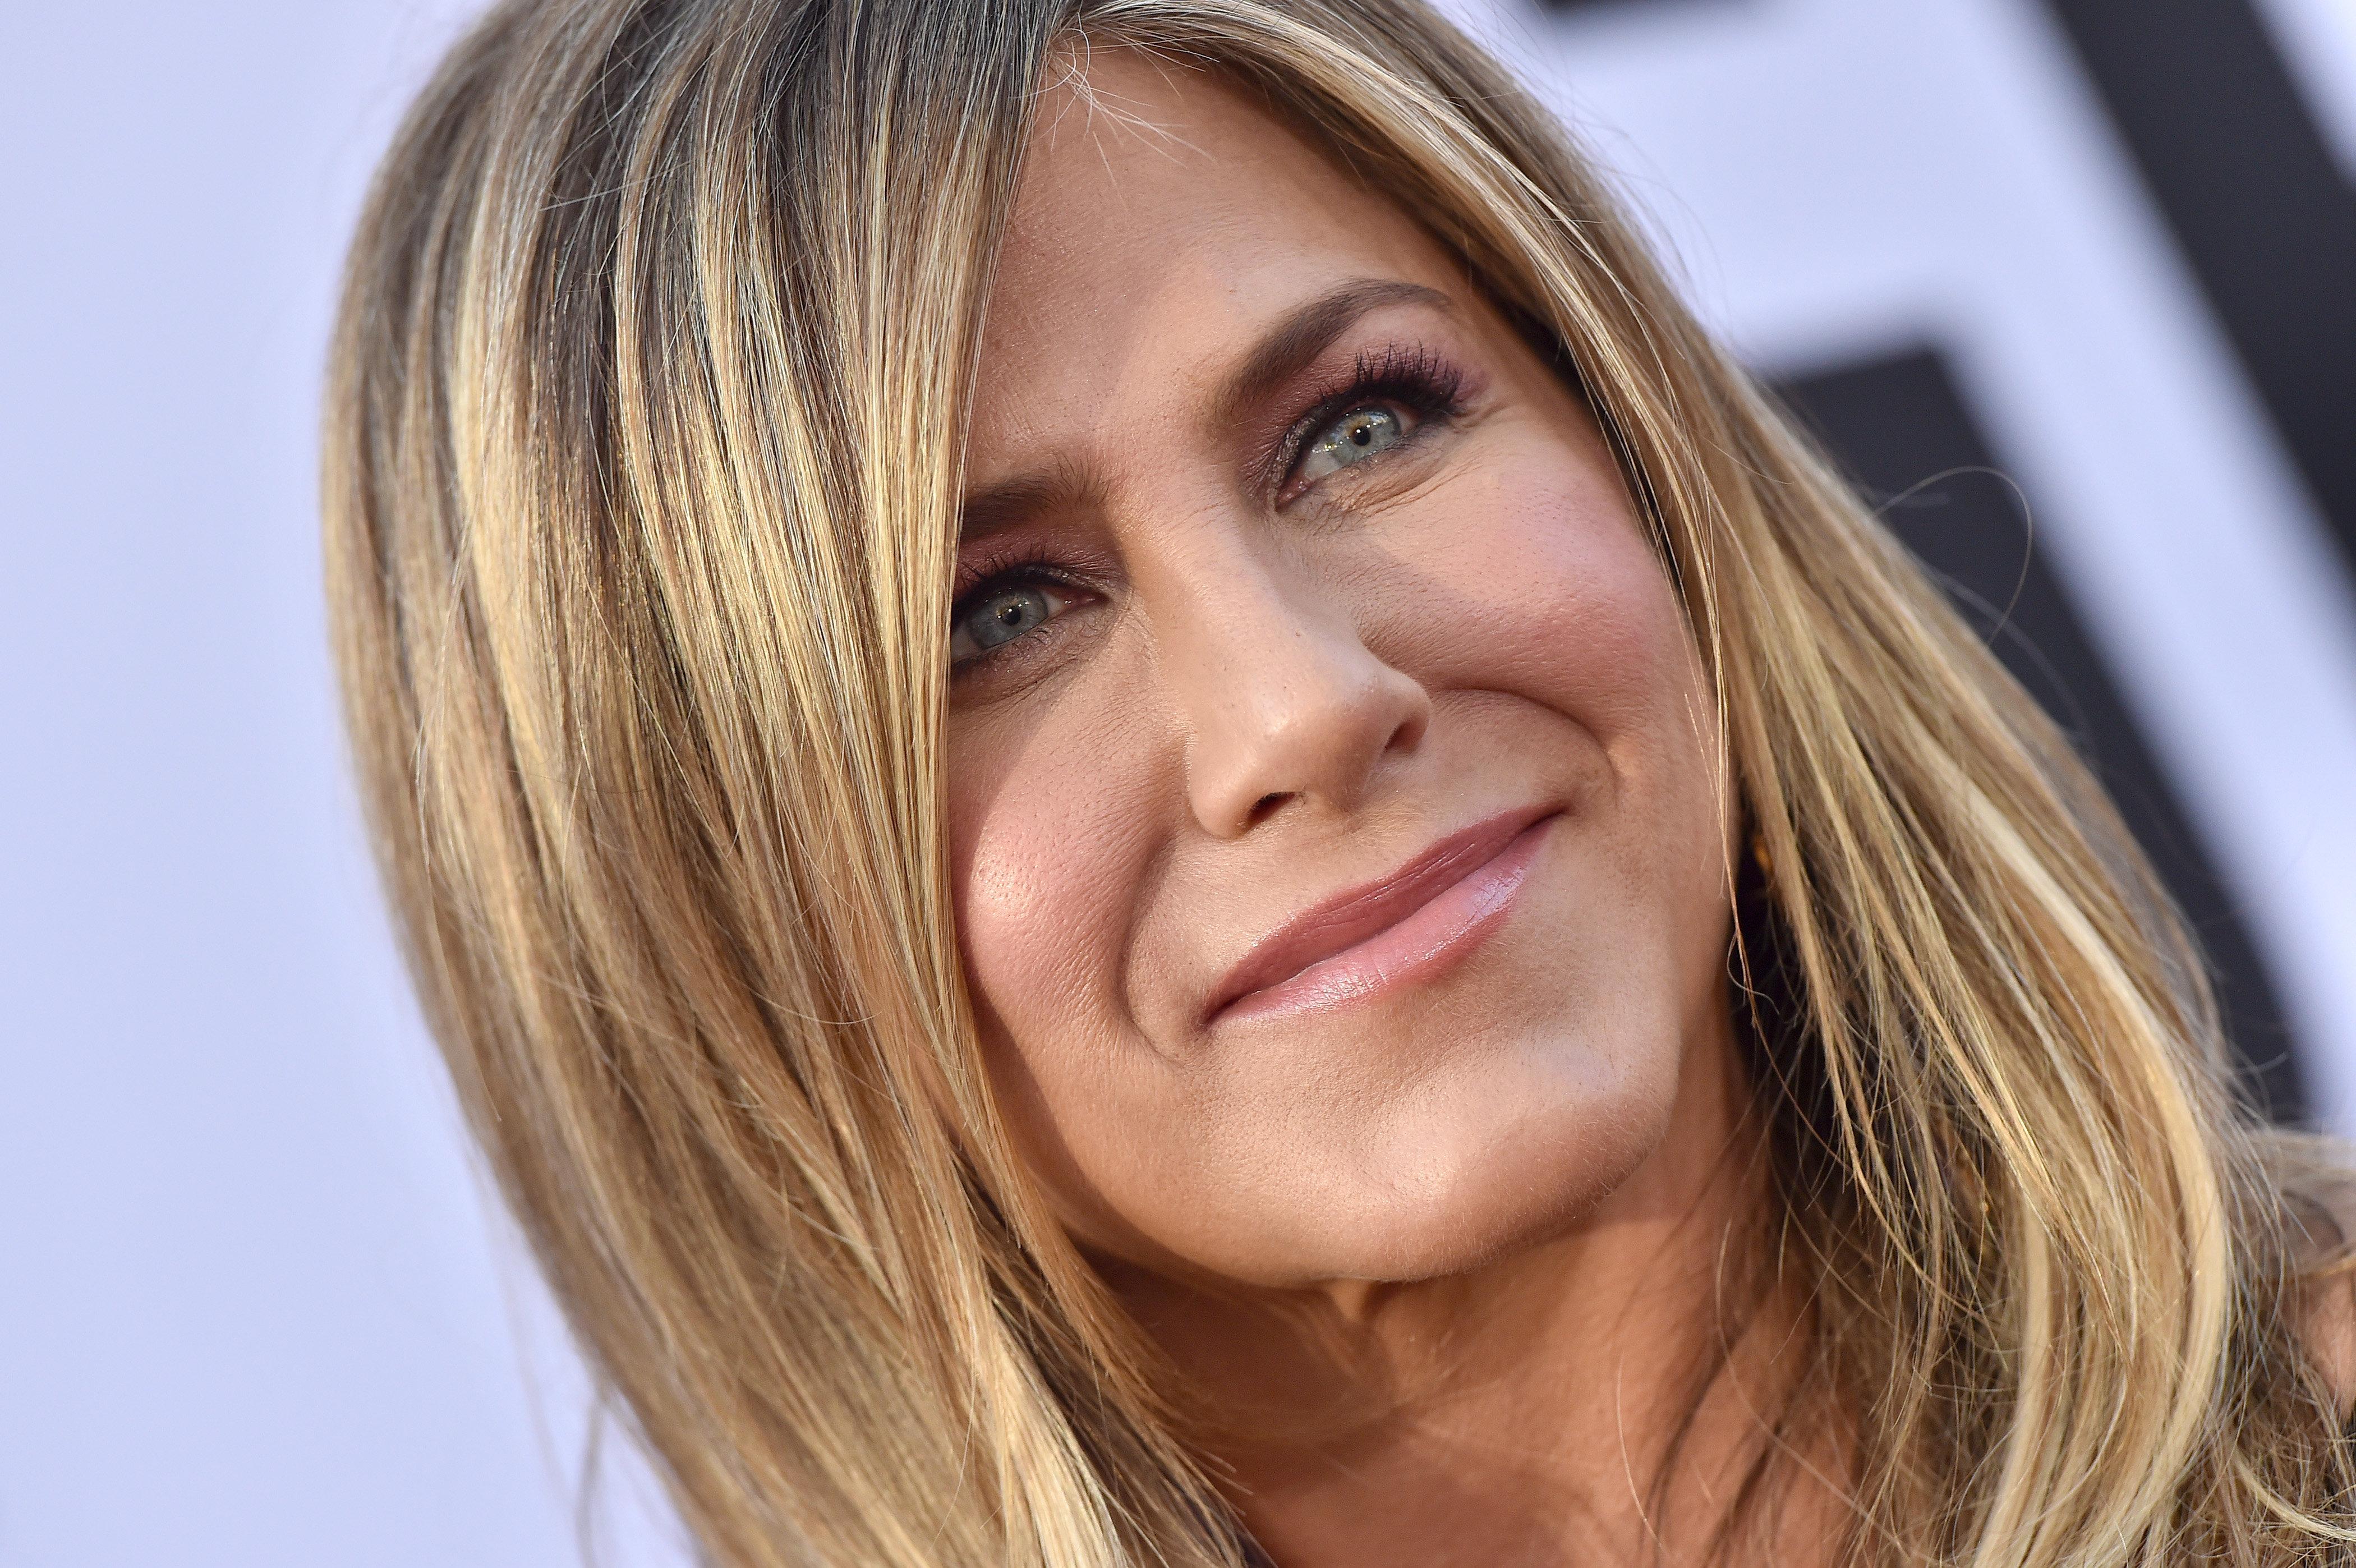 Immer wieder Vorwürfe der Kinderlosigkeit - Jennifer Aniston rechnet mit Kritikern